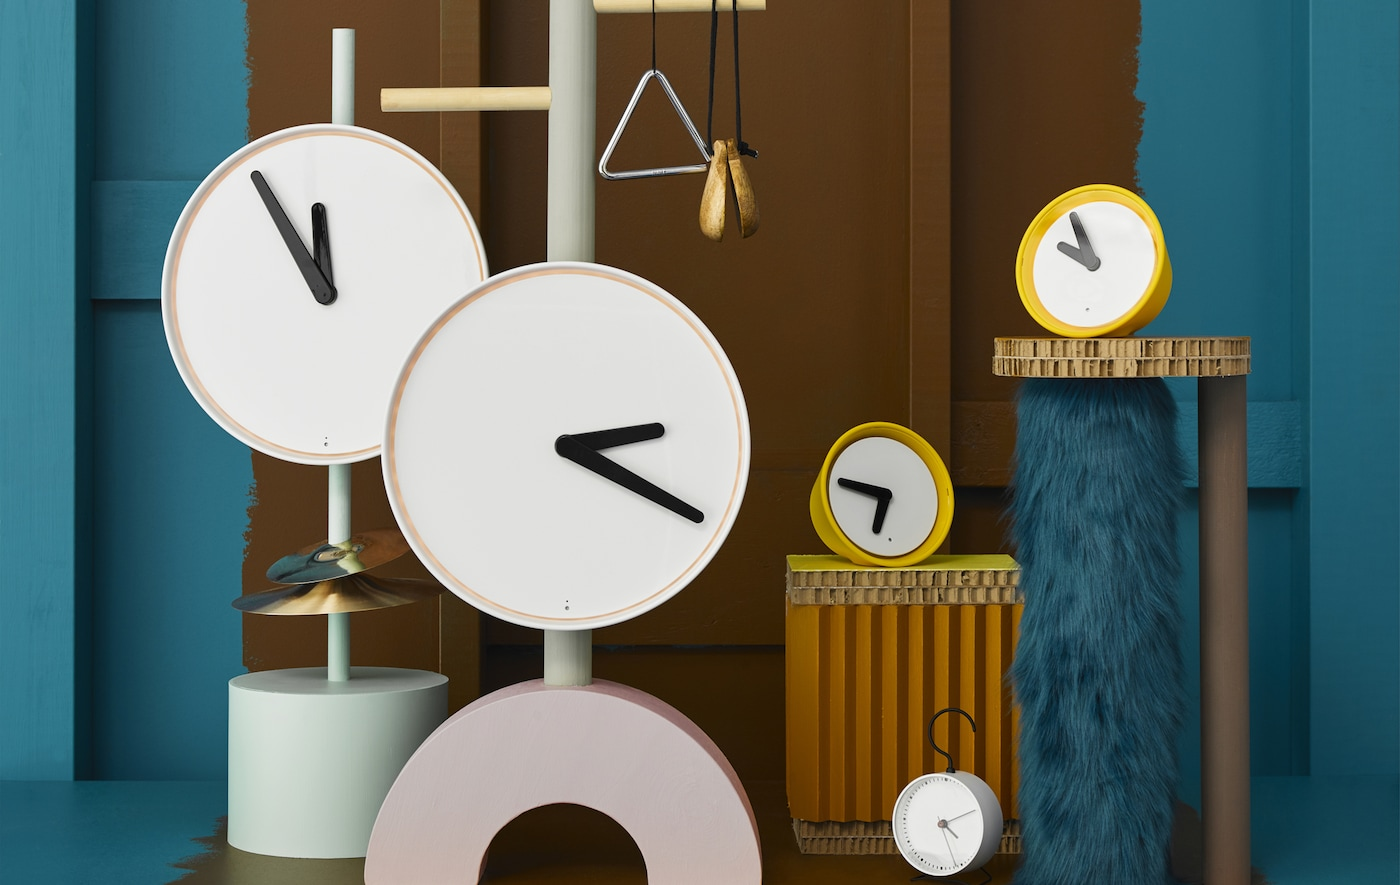 Weiße und gelbe Uhren in unterschiedlichen Größen